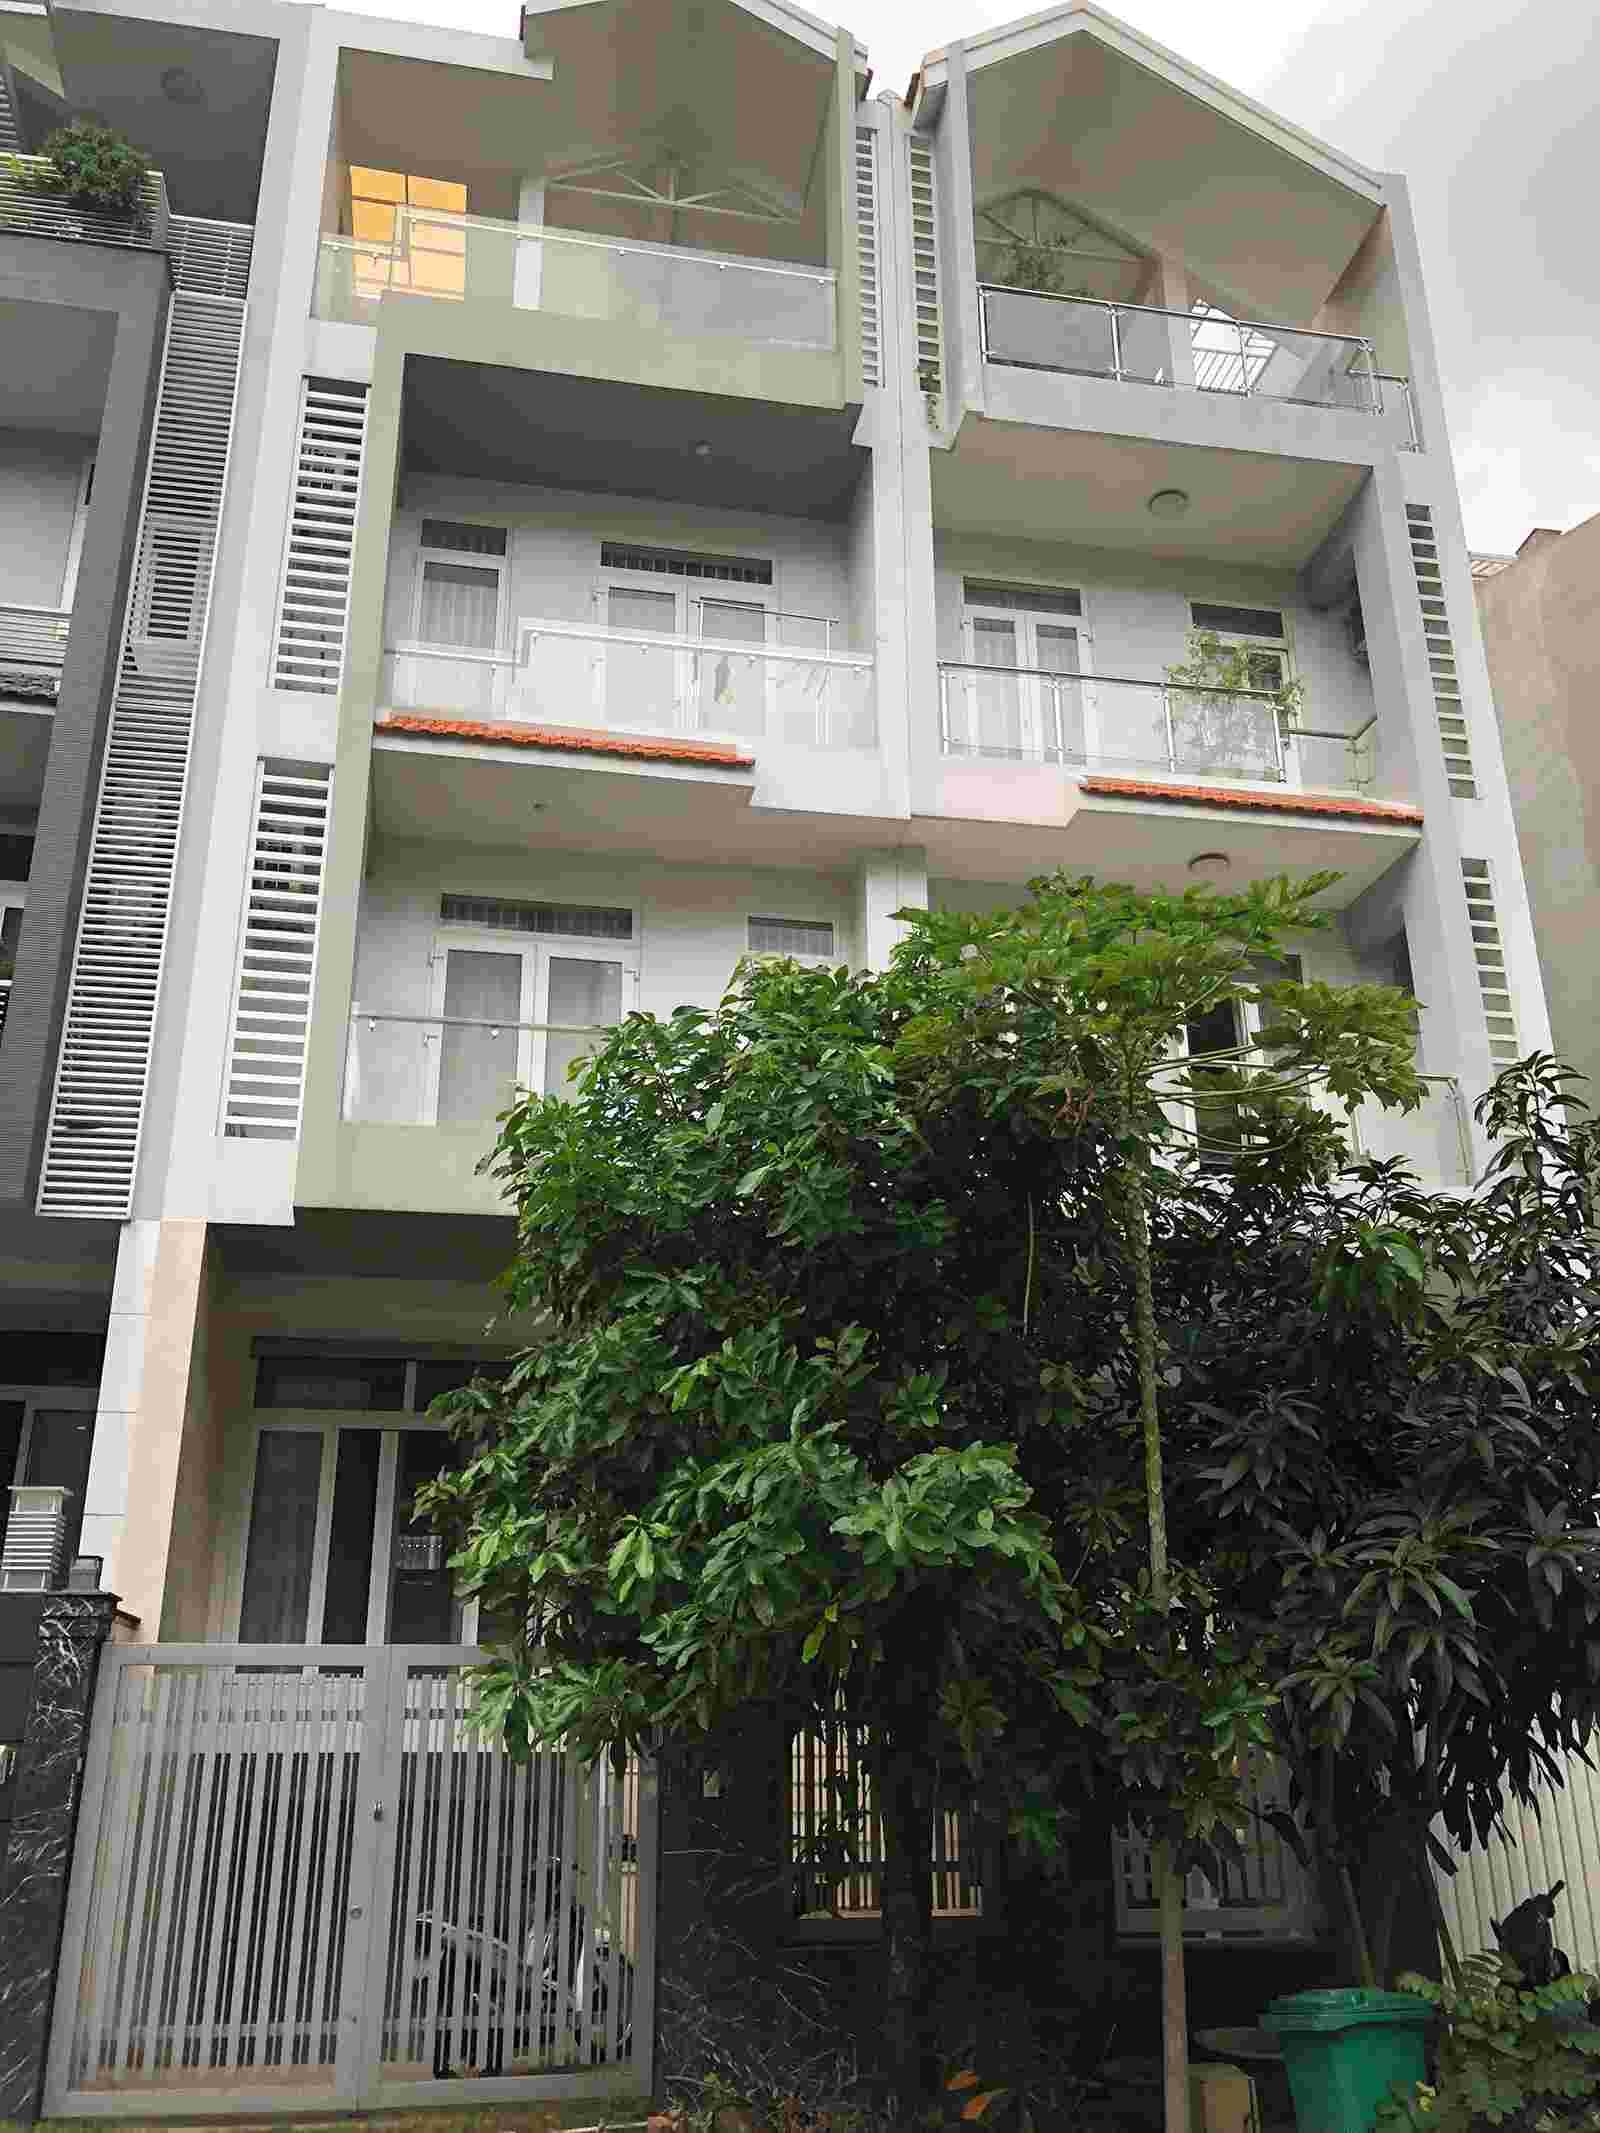 Cần bán nhà phố khu tái định cư Him Lam Kênh Tẻ, mặt tiền đường D4, 1 hầm, 1 trệt, 2 lầu, nội thất cơ bản, 20.5 tỷ. LH: 0913.050.053